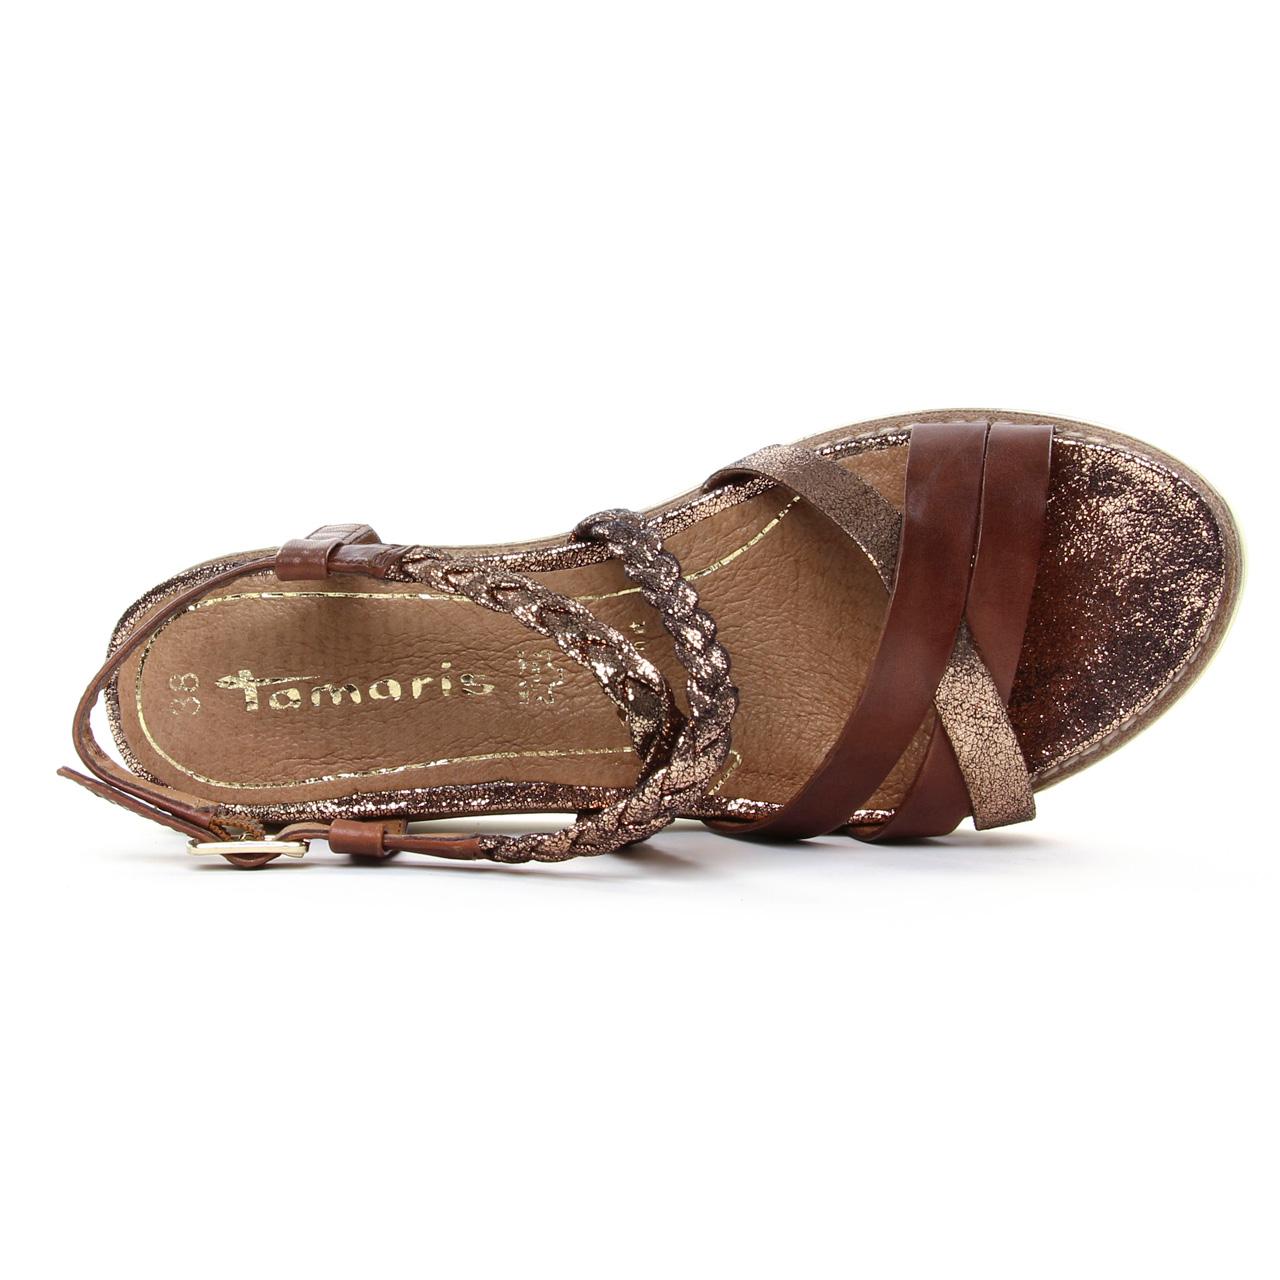 Tamaris 28207 Nut | sandales marron doré printemps été 2019